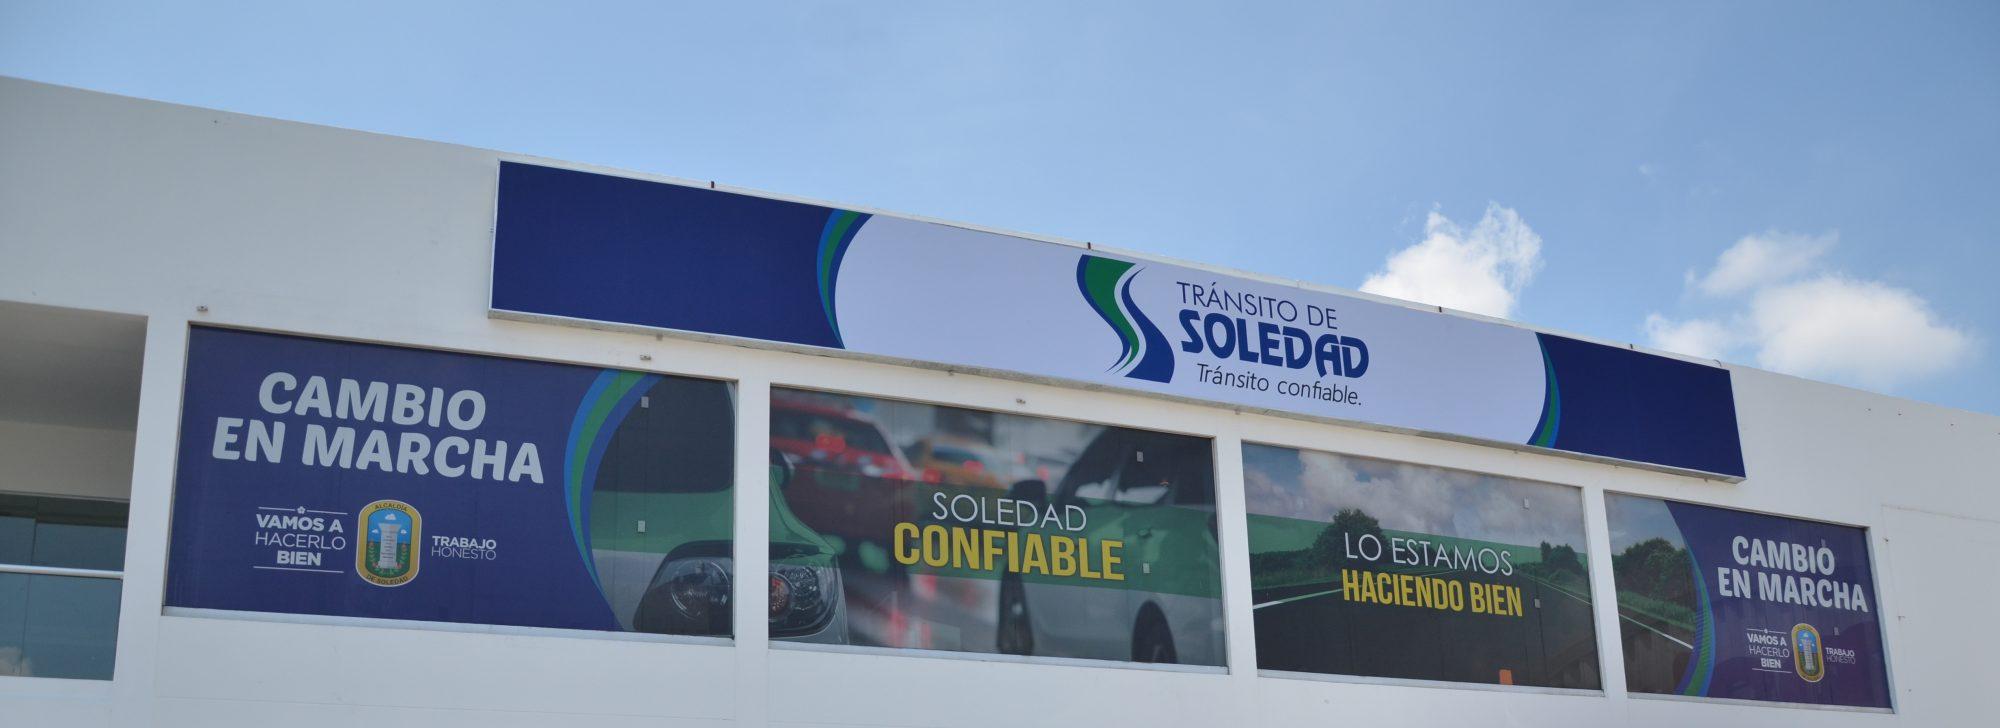 Tránsito de Soledad